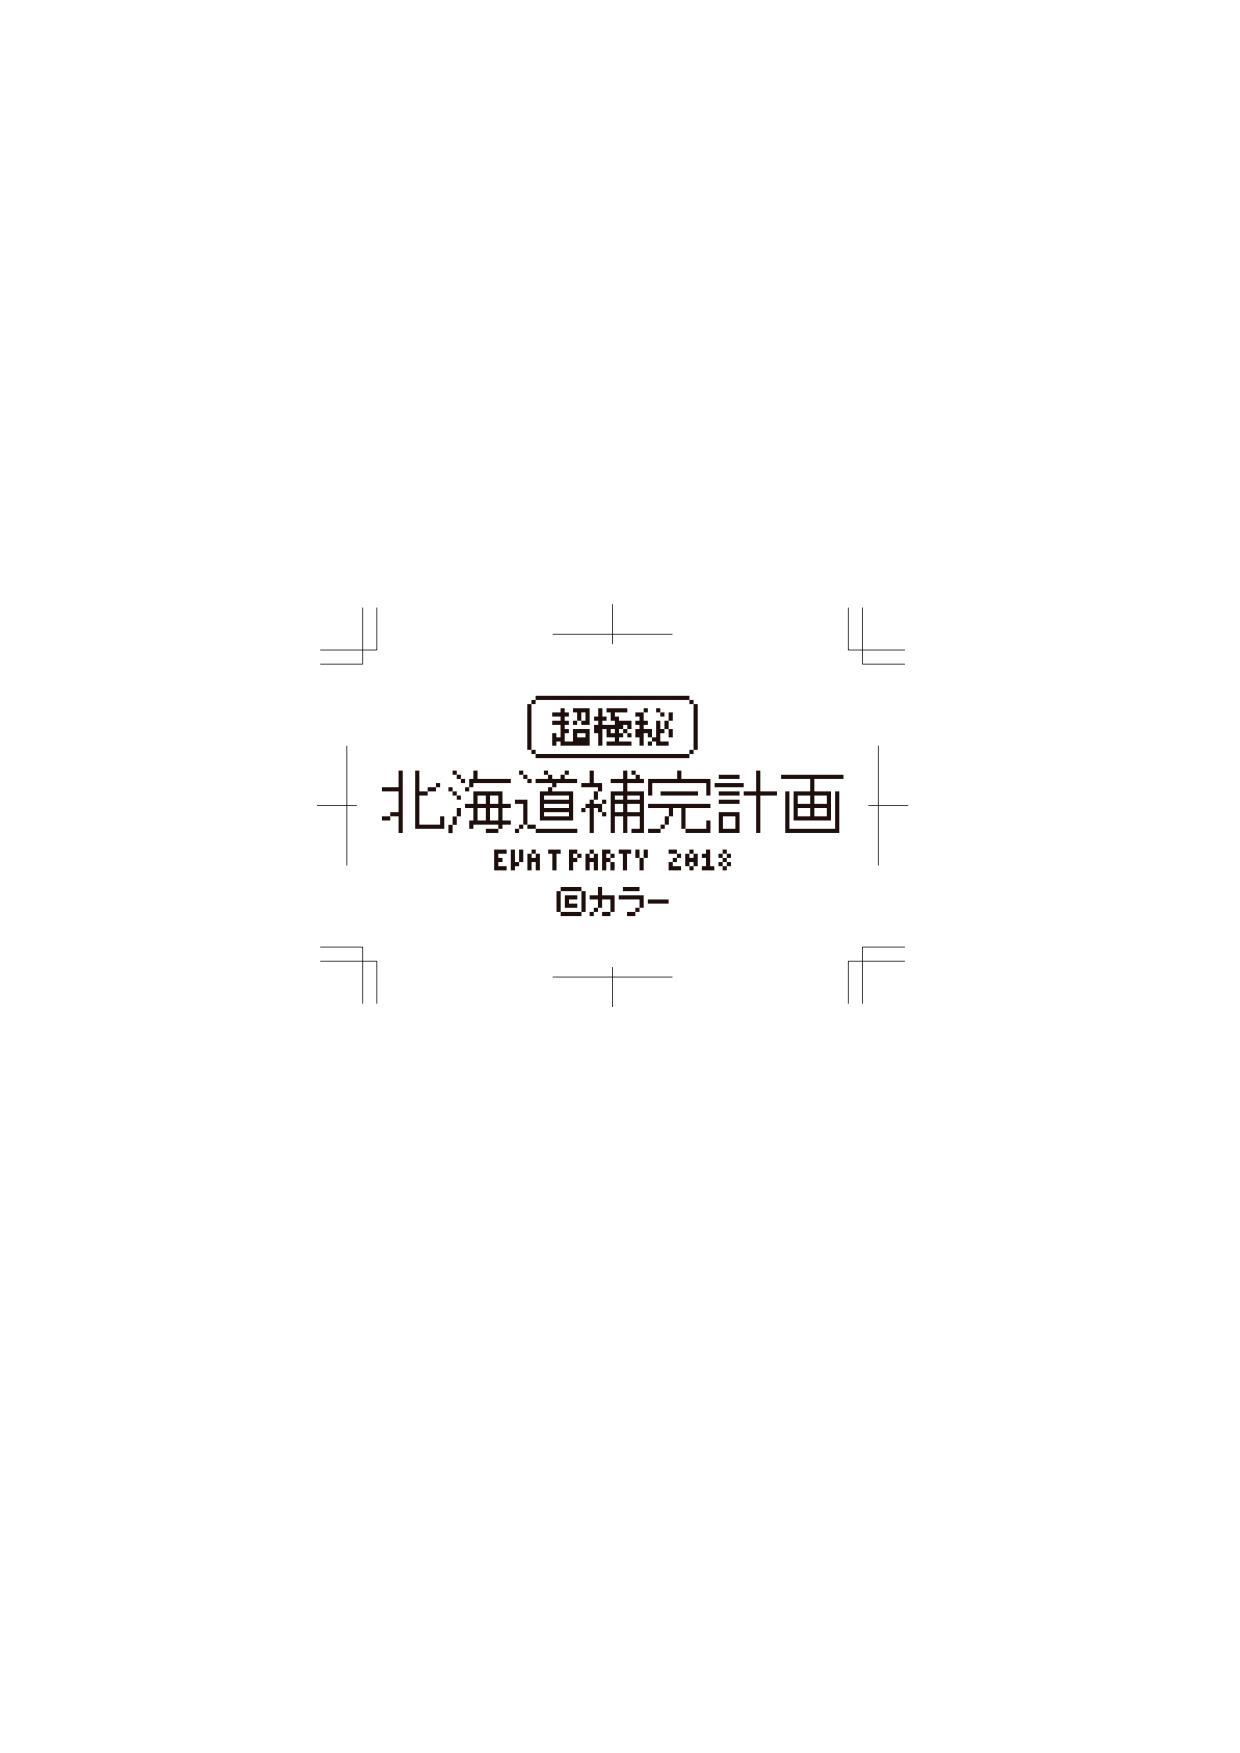 (販売終了) エヴァンゲリオン・CONTROLLERコラボ商品  EVA T PARTY 2018 in SAPPORO限定 ドットTシャツ -キービジュアル-